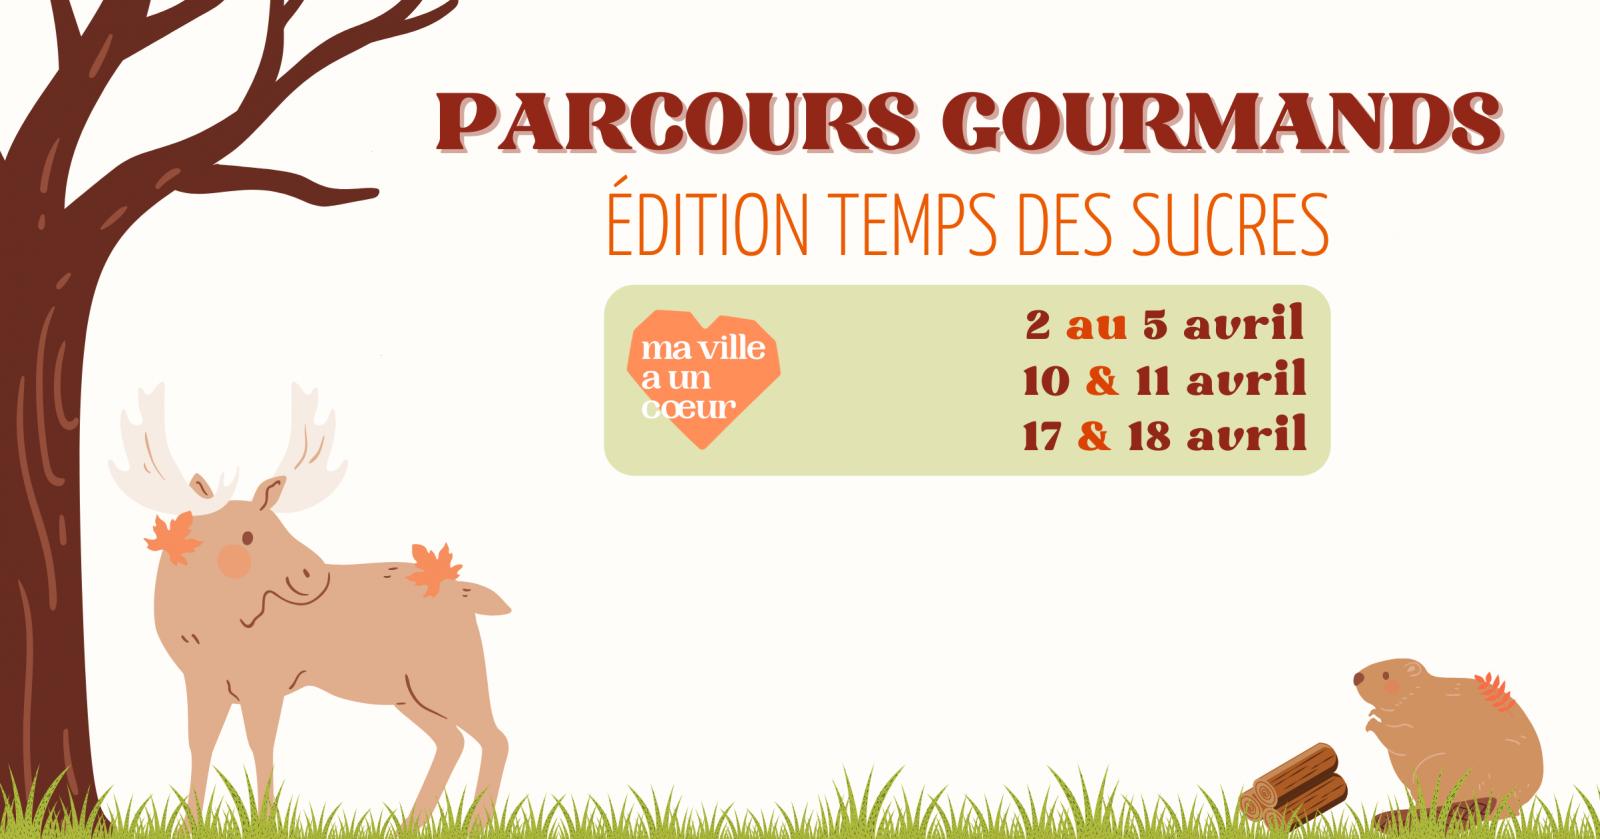 Un parcours gourmand pour le temps des sucres à Trois-Rivières